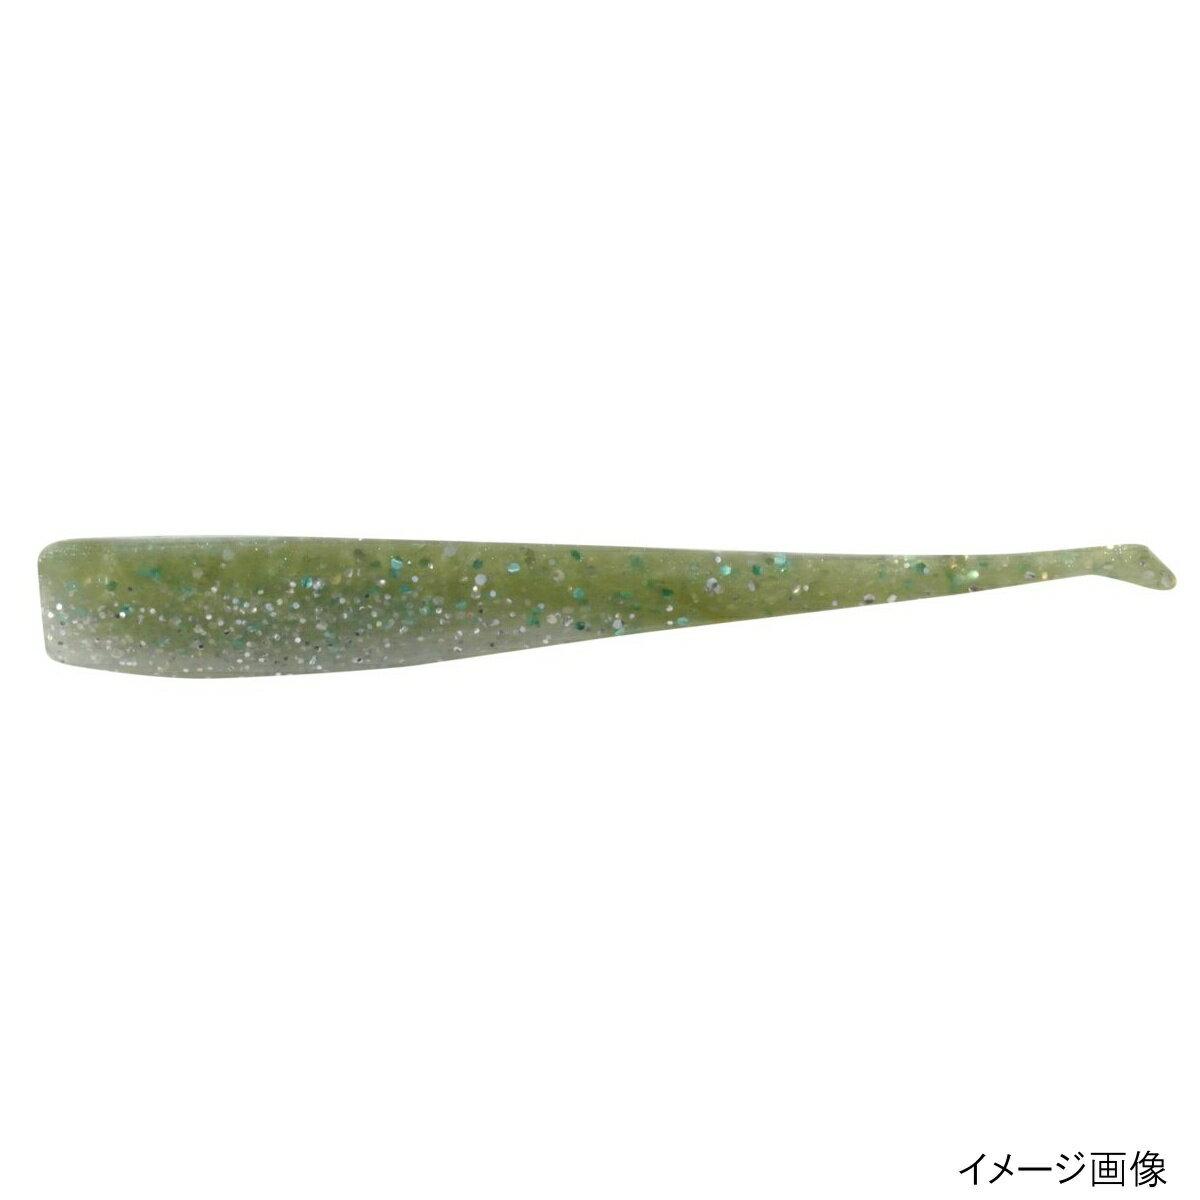 コアマン アルカリジュニア CA-07 #003(沖堤イワシ)【ゆうパケット】